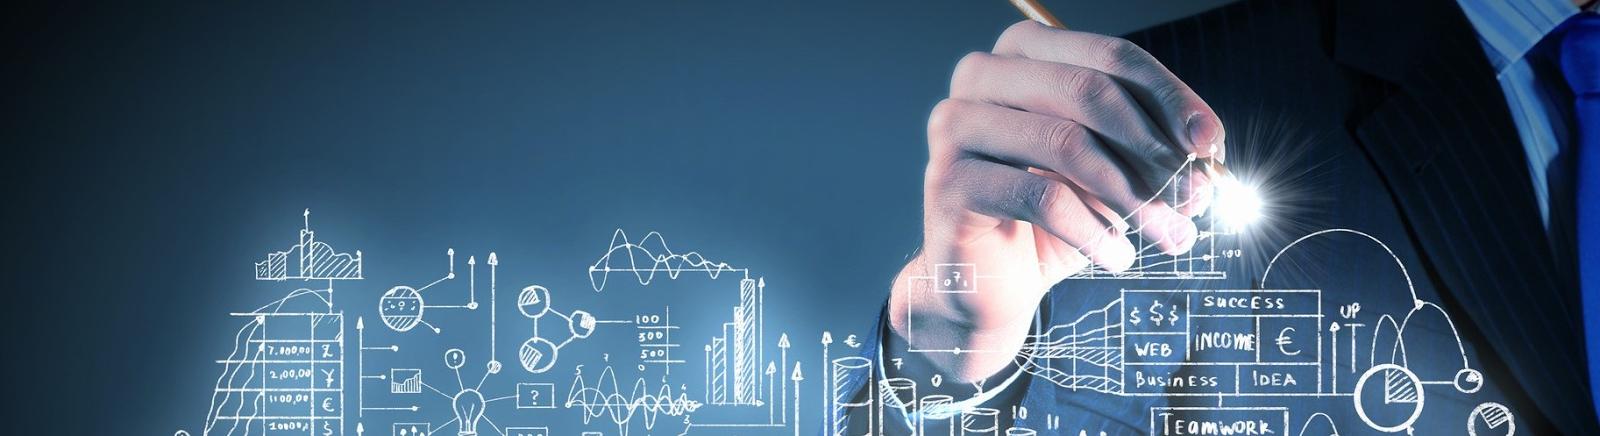 Шаг за шагом: собираем и тестируем Интернет вещей на базе платформы SAP Cloud Platform